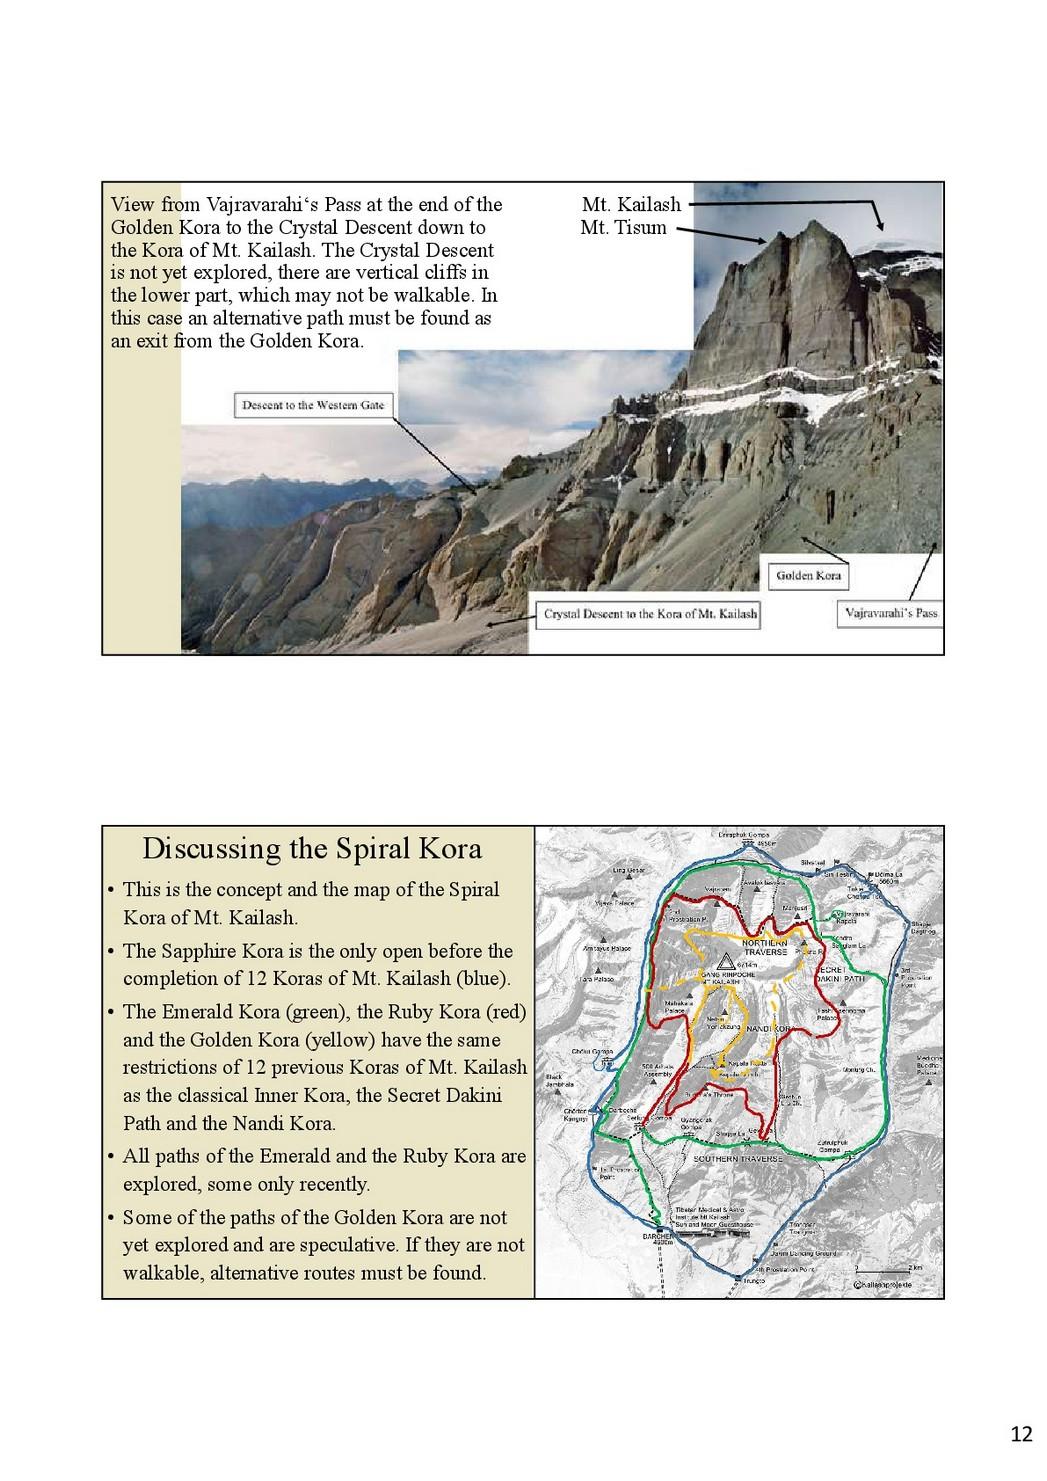 Spiral-Kora-of-Mt.-Kailash-40